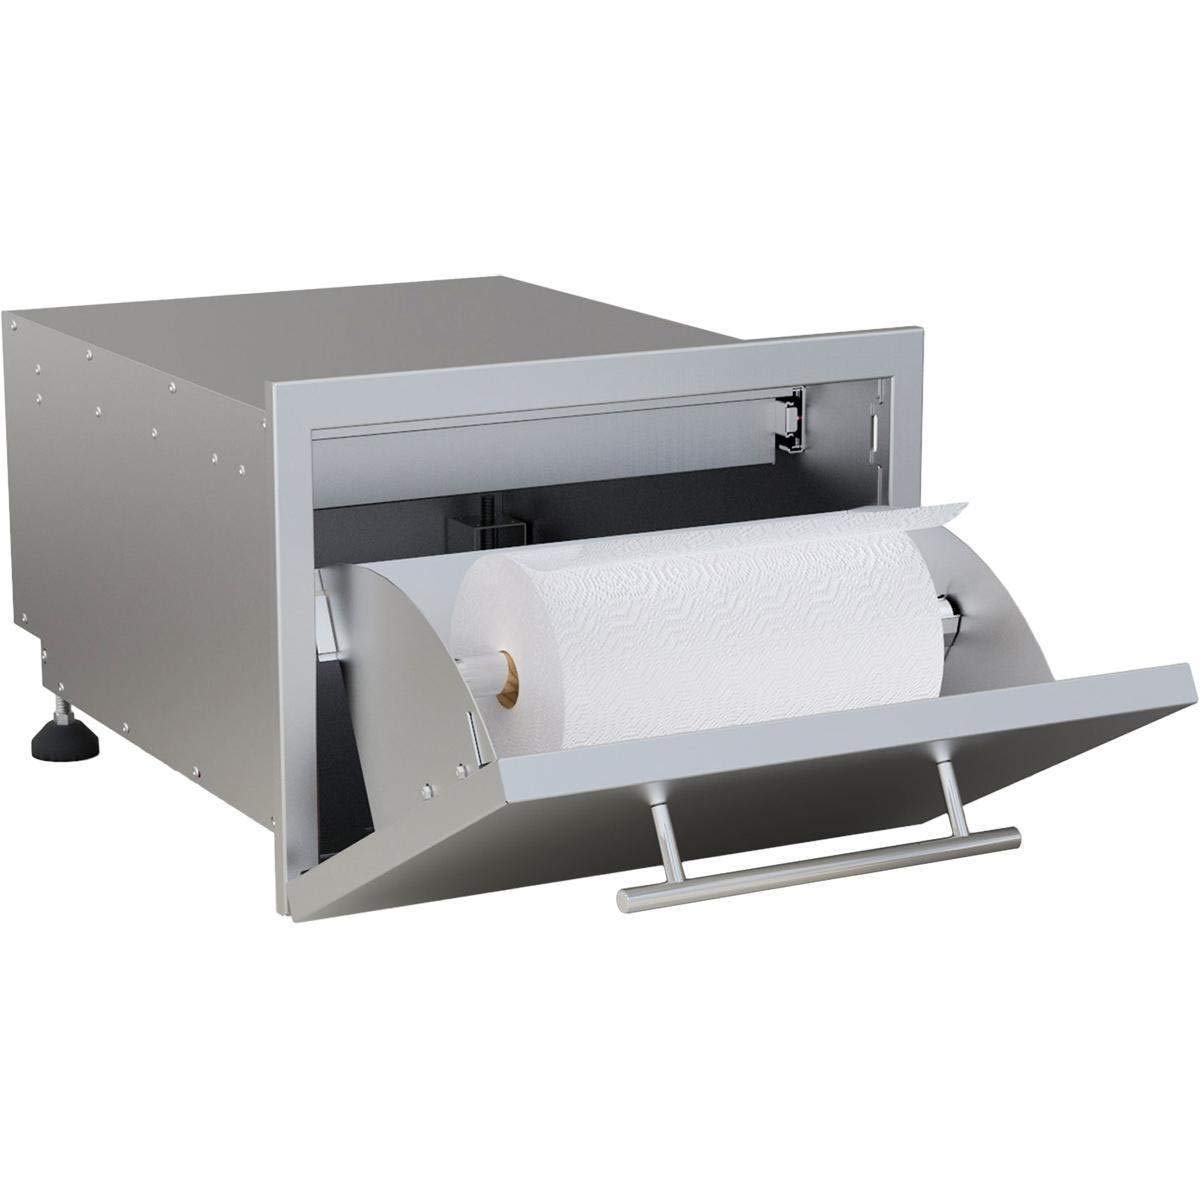 SUNSTONE DE-DPCF13 Designer Series Multi-Configurable Tilt-Out Paper Towel by SUNSTONE